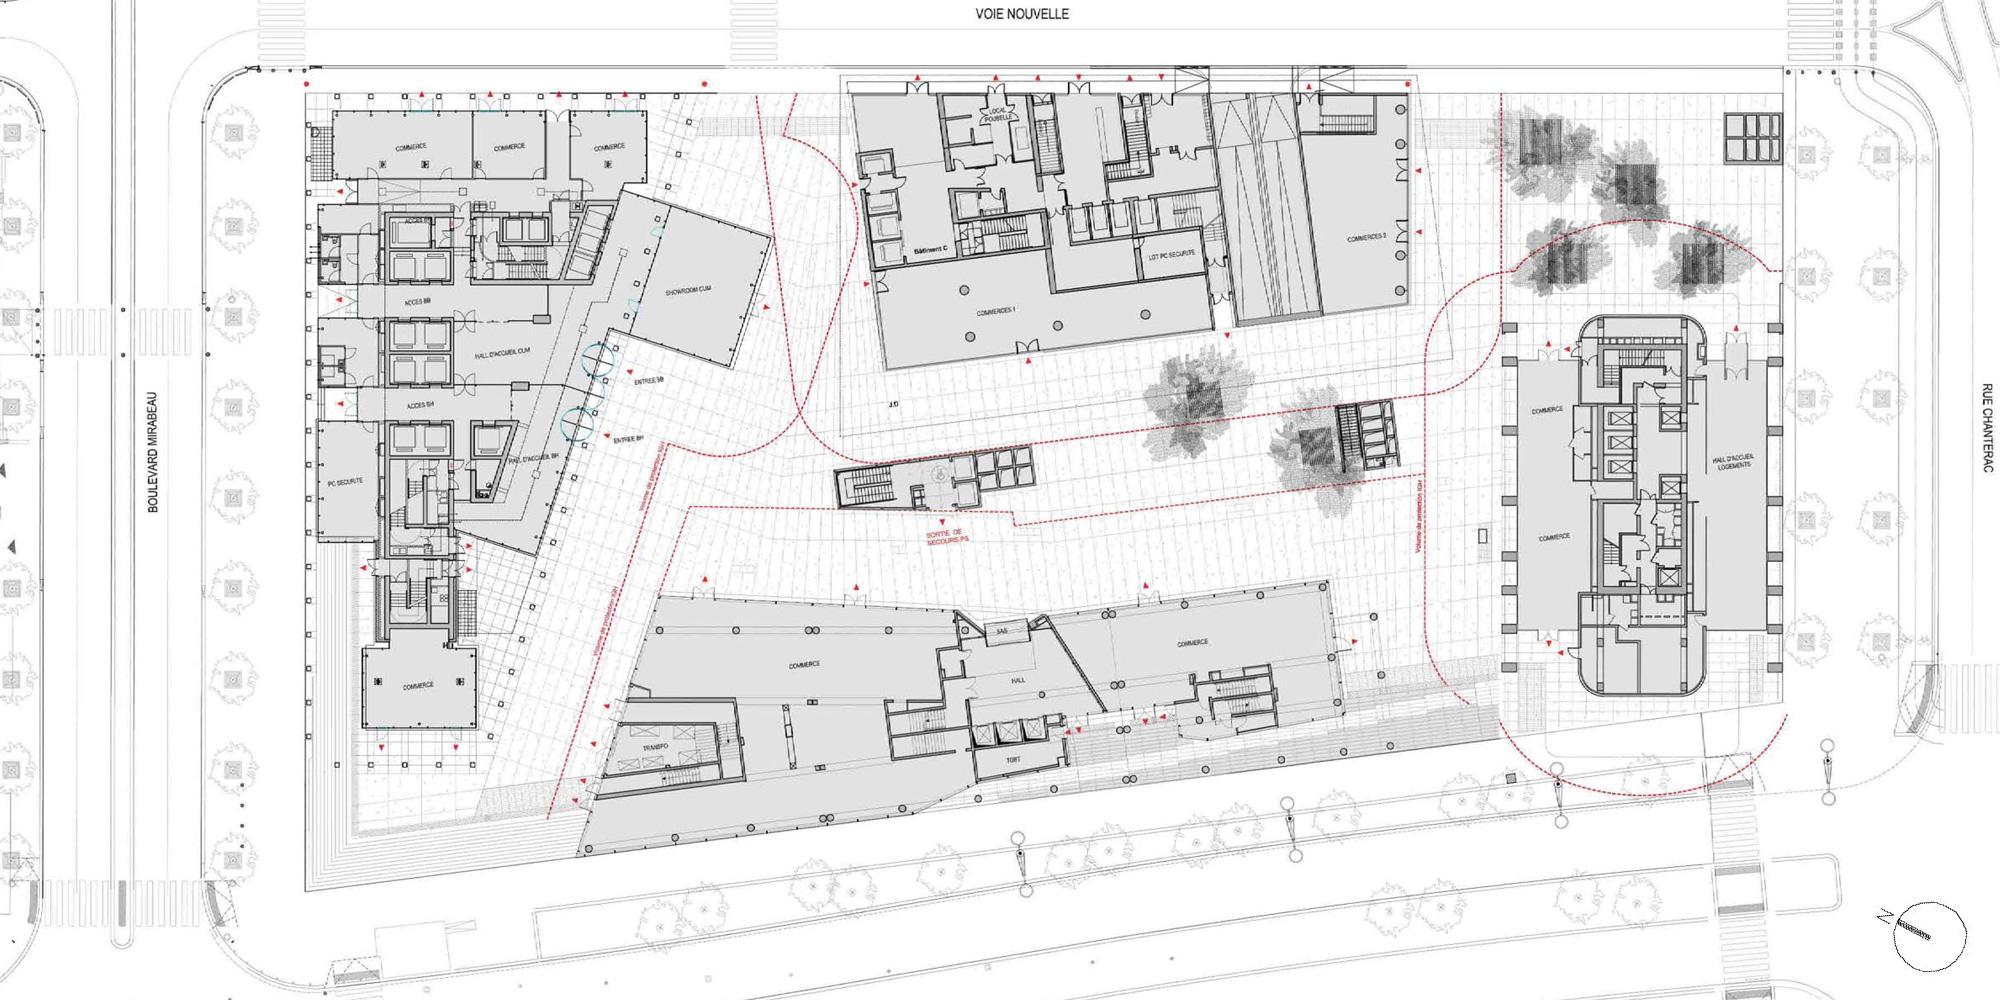 Pianta piano terra della torre e degli edifici circostanti © Ateliers Jean Nouvel, Constructa